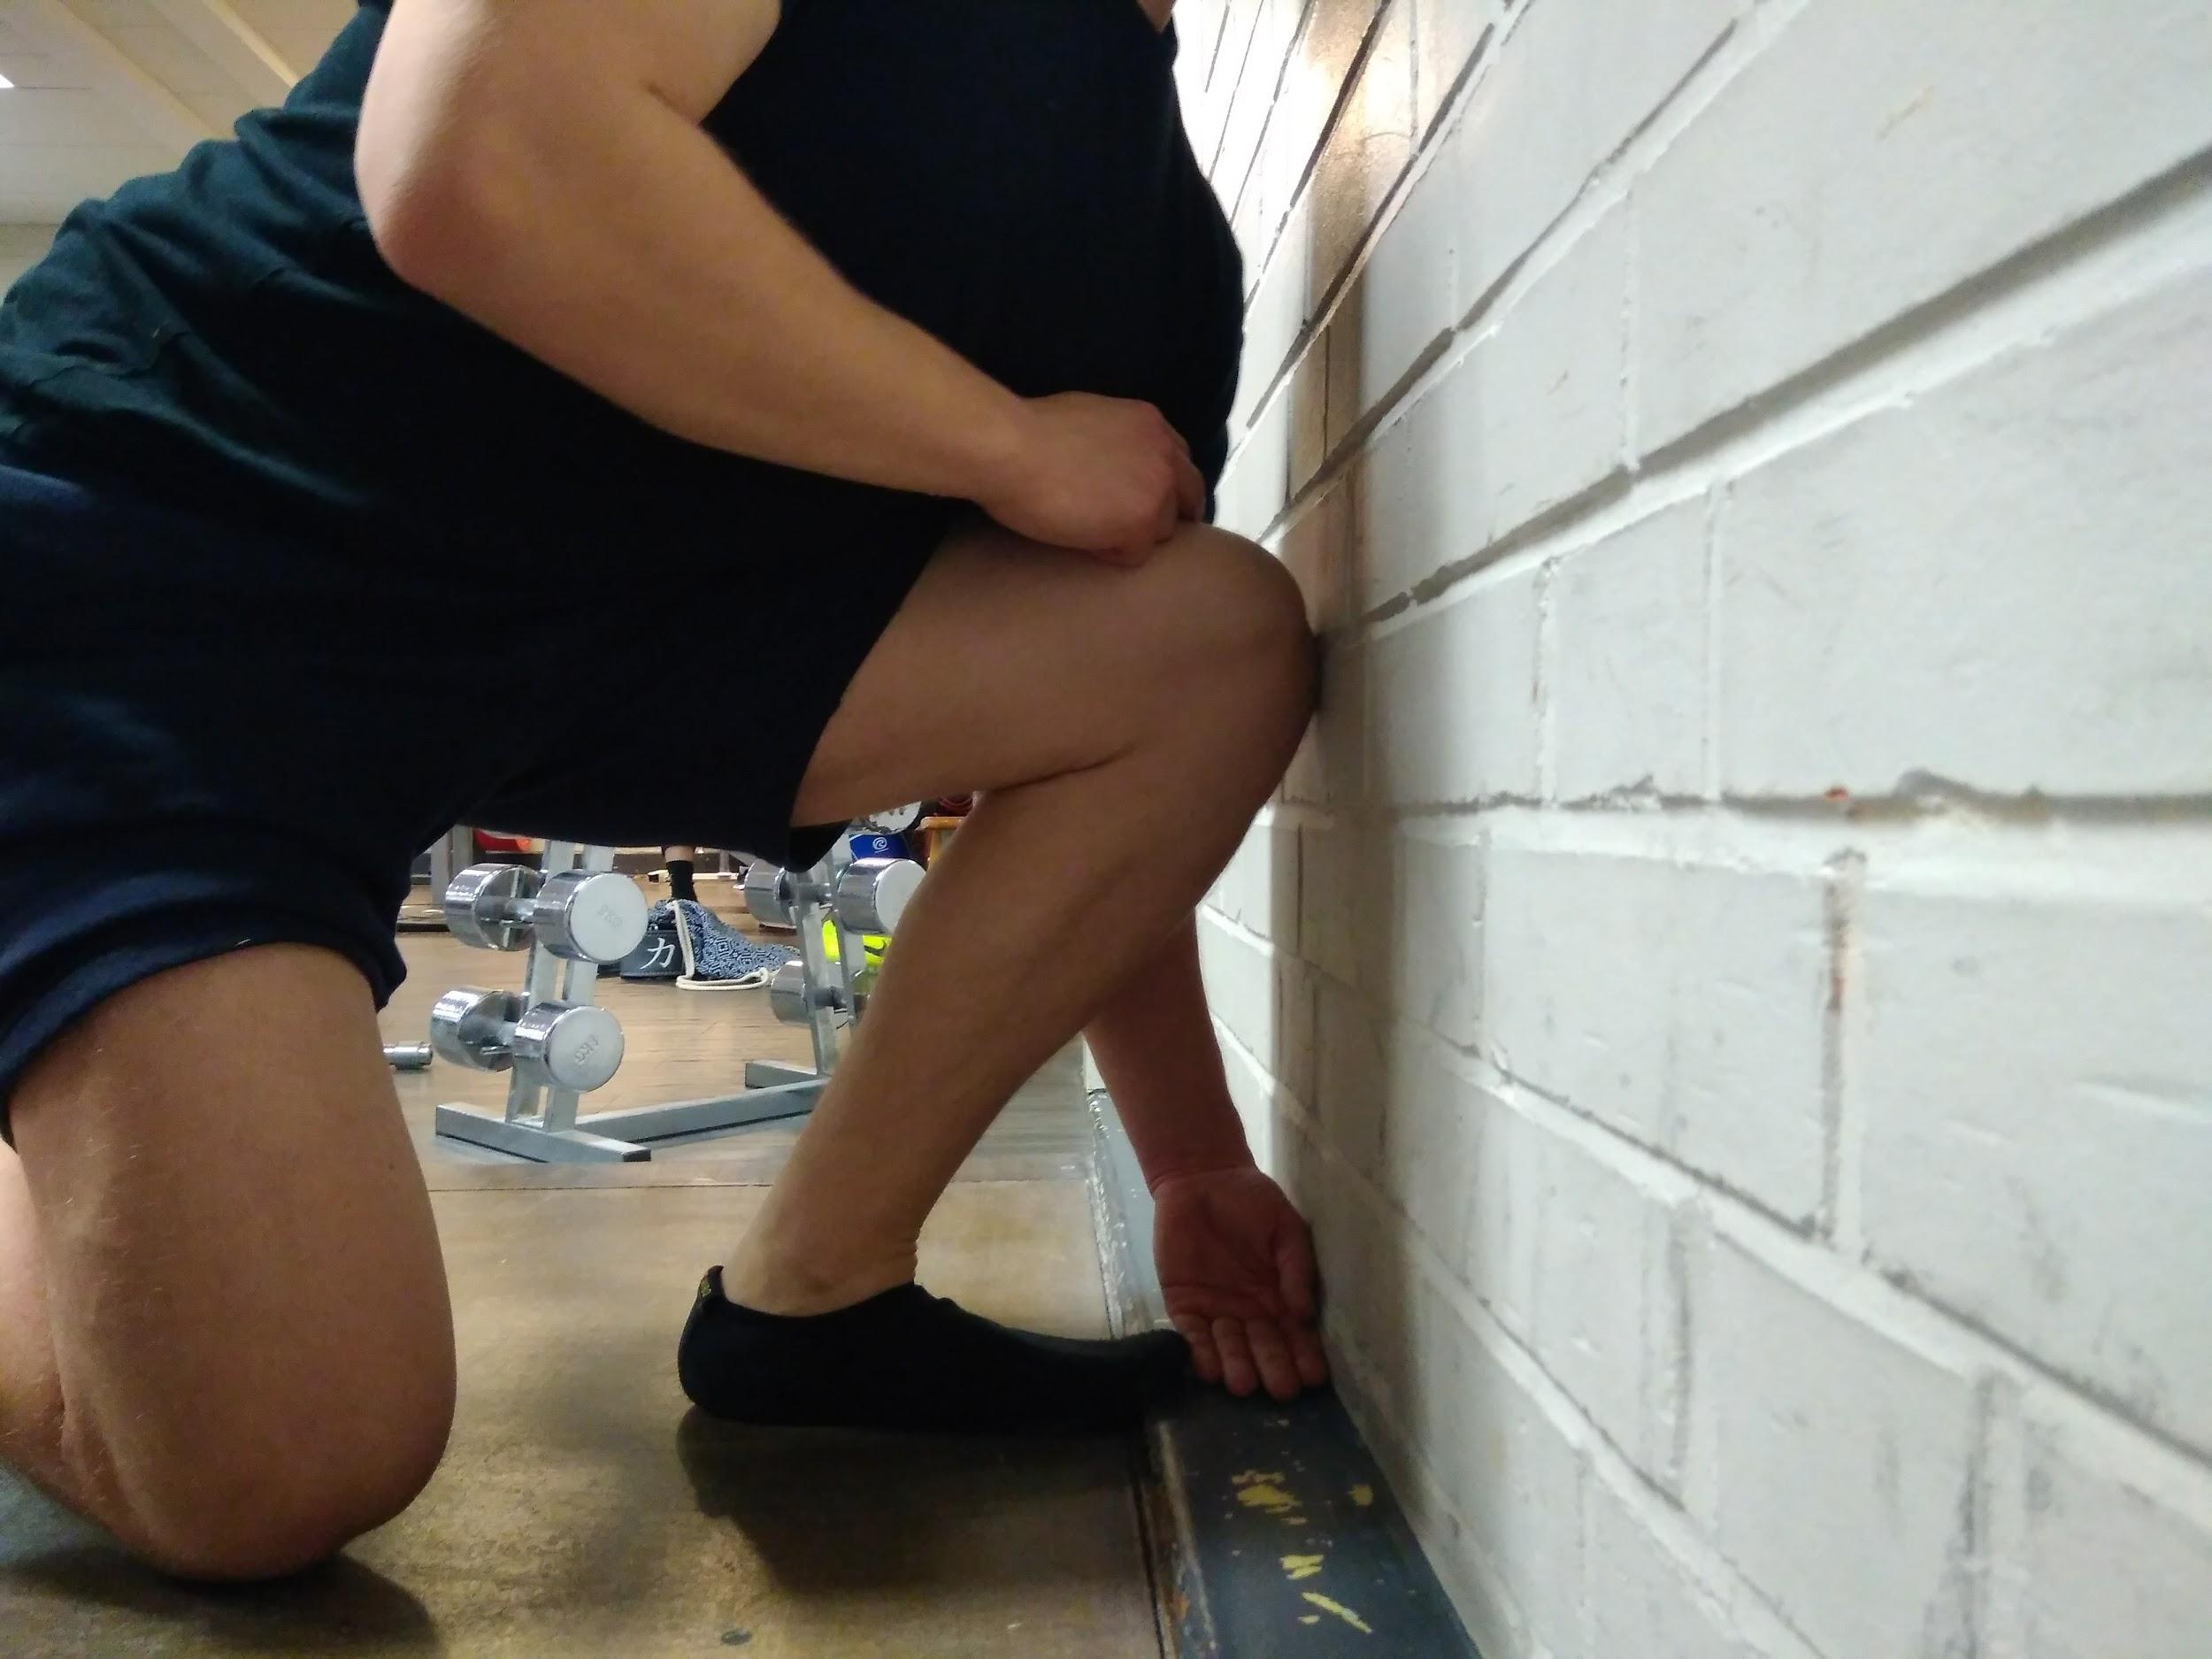 word image 51 - Butt-Wink beheben: So hälst du deinen Rücken gerade bei Kniebeugen